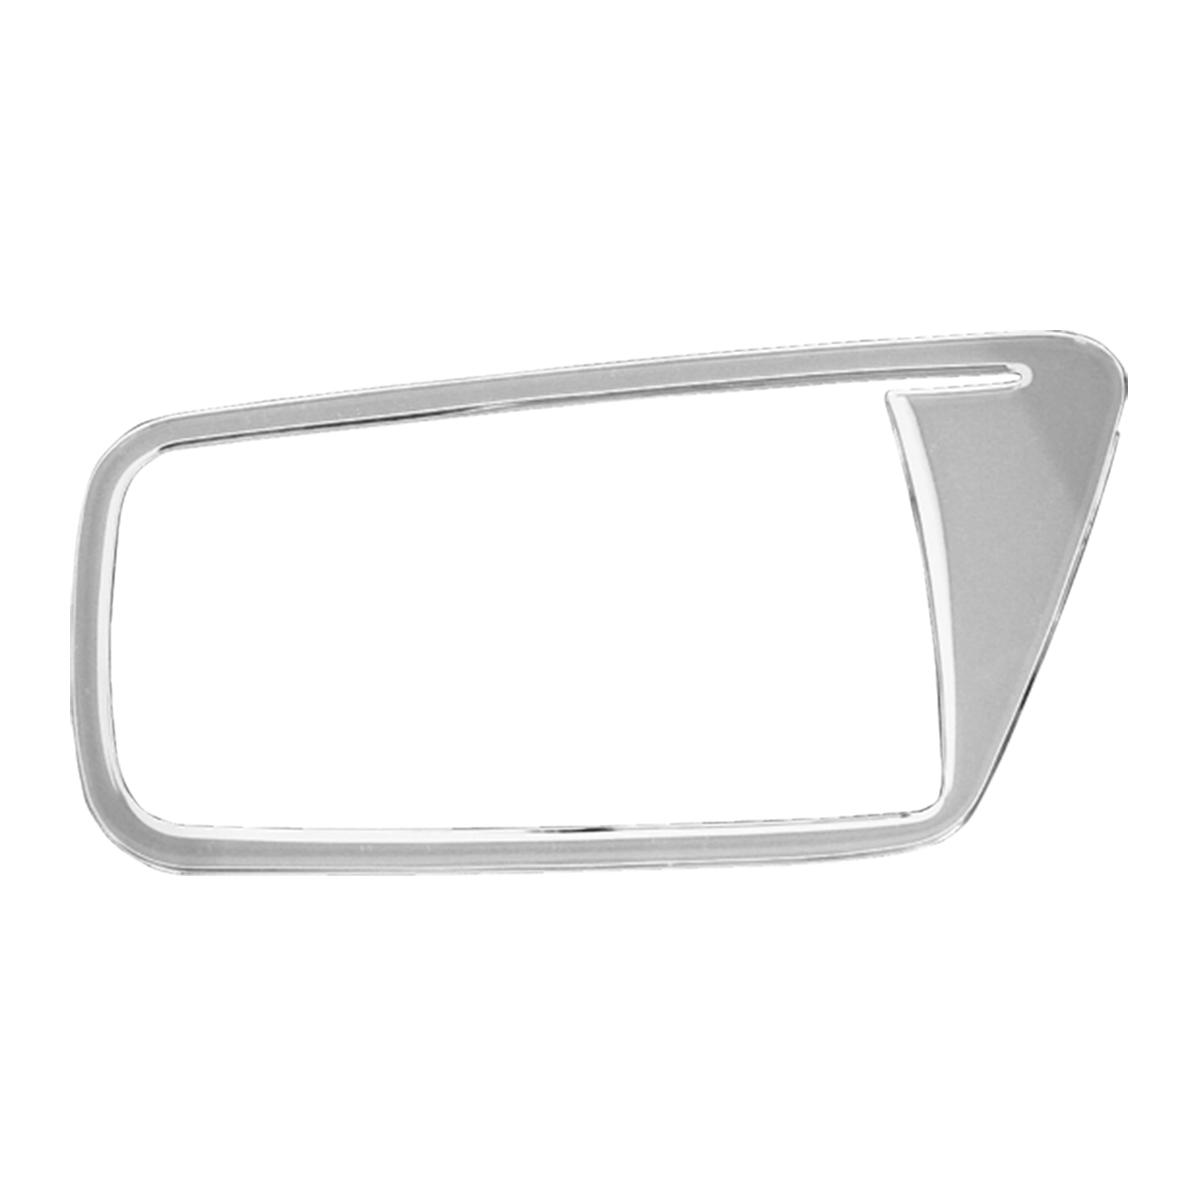 68928 KW Chrome Soft Plastic Passenger Side Door Ring